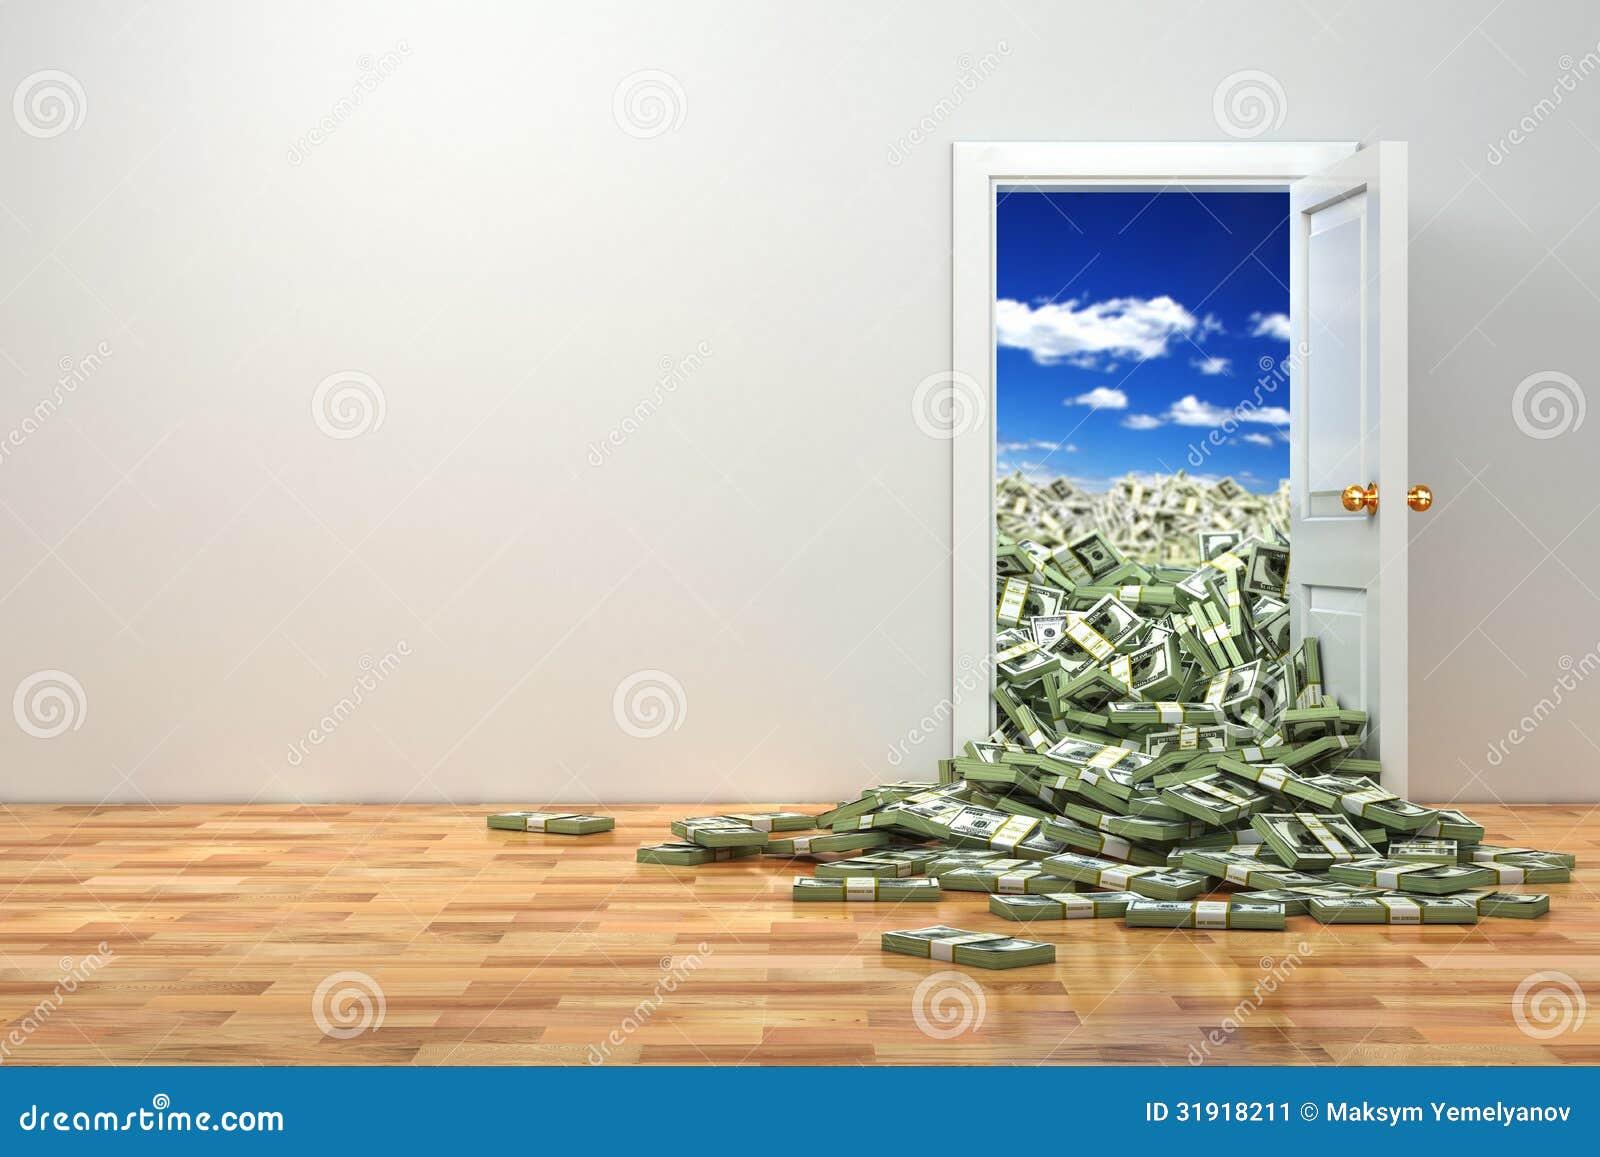 Concepto De Riqueza. Puerta De Abertura Y Dólar Del Montón. Stock de ...